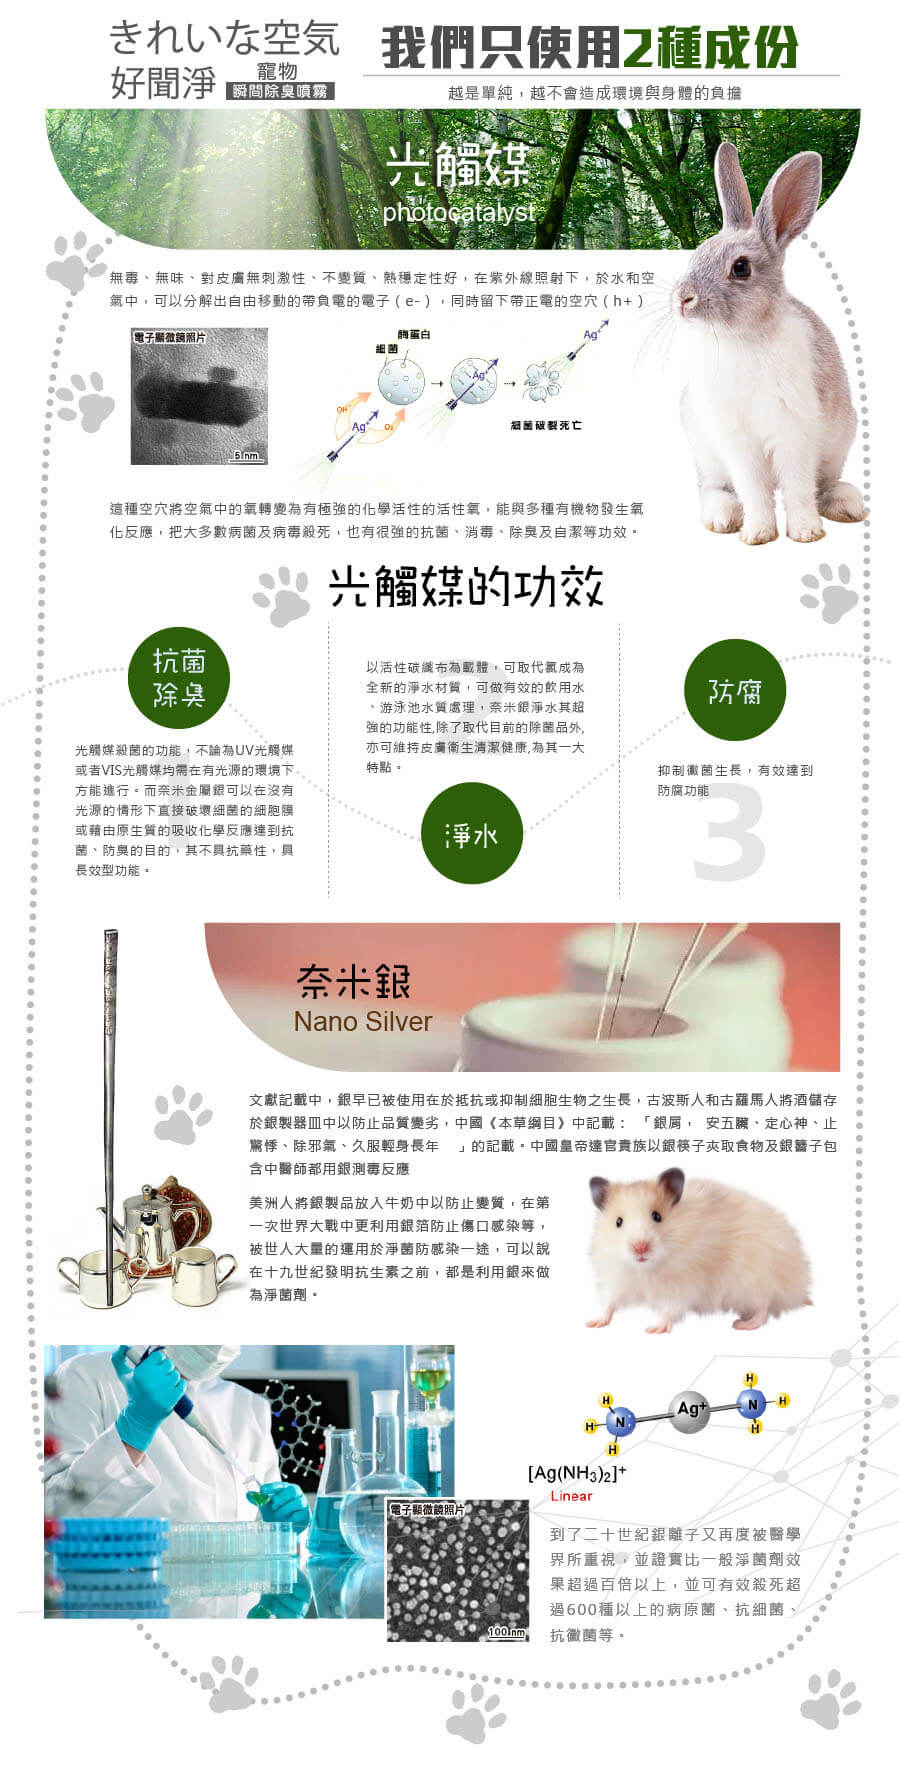 寵物瞬間除臭噴劑-產品說明-02